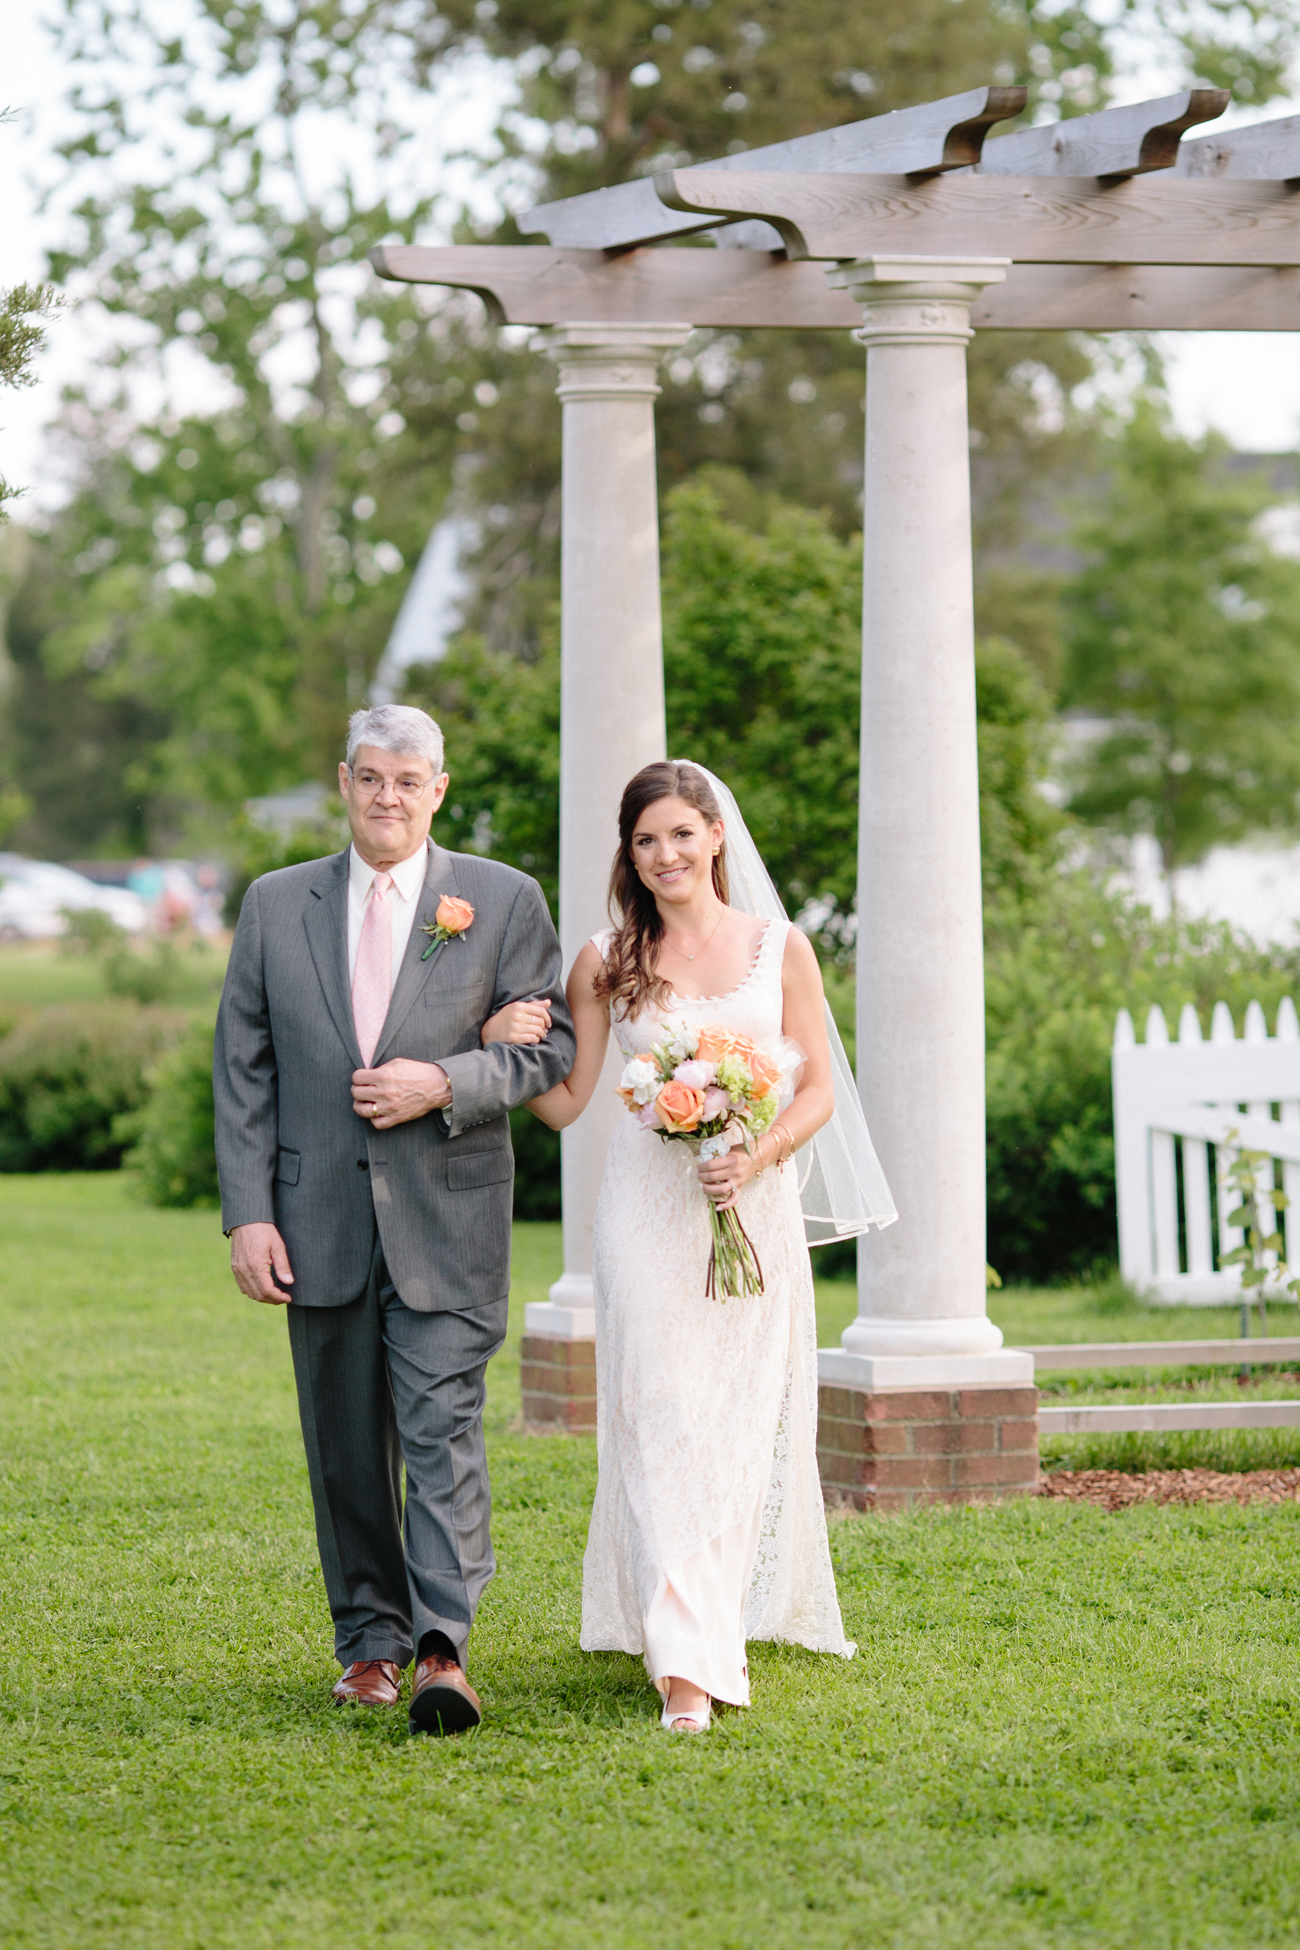 LaurenKorey_SotterleyPlantation_Wedding (53 of 117)26